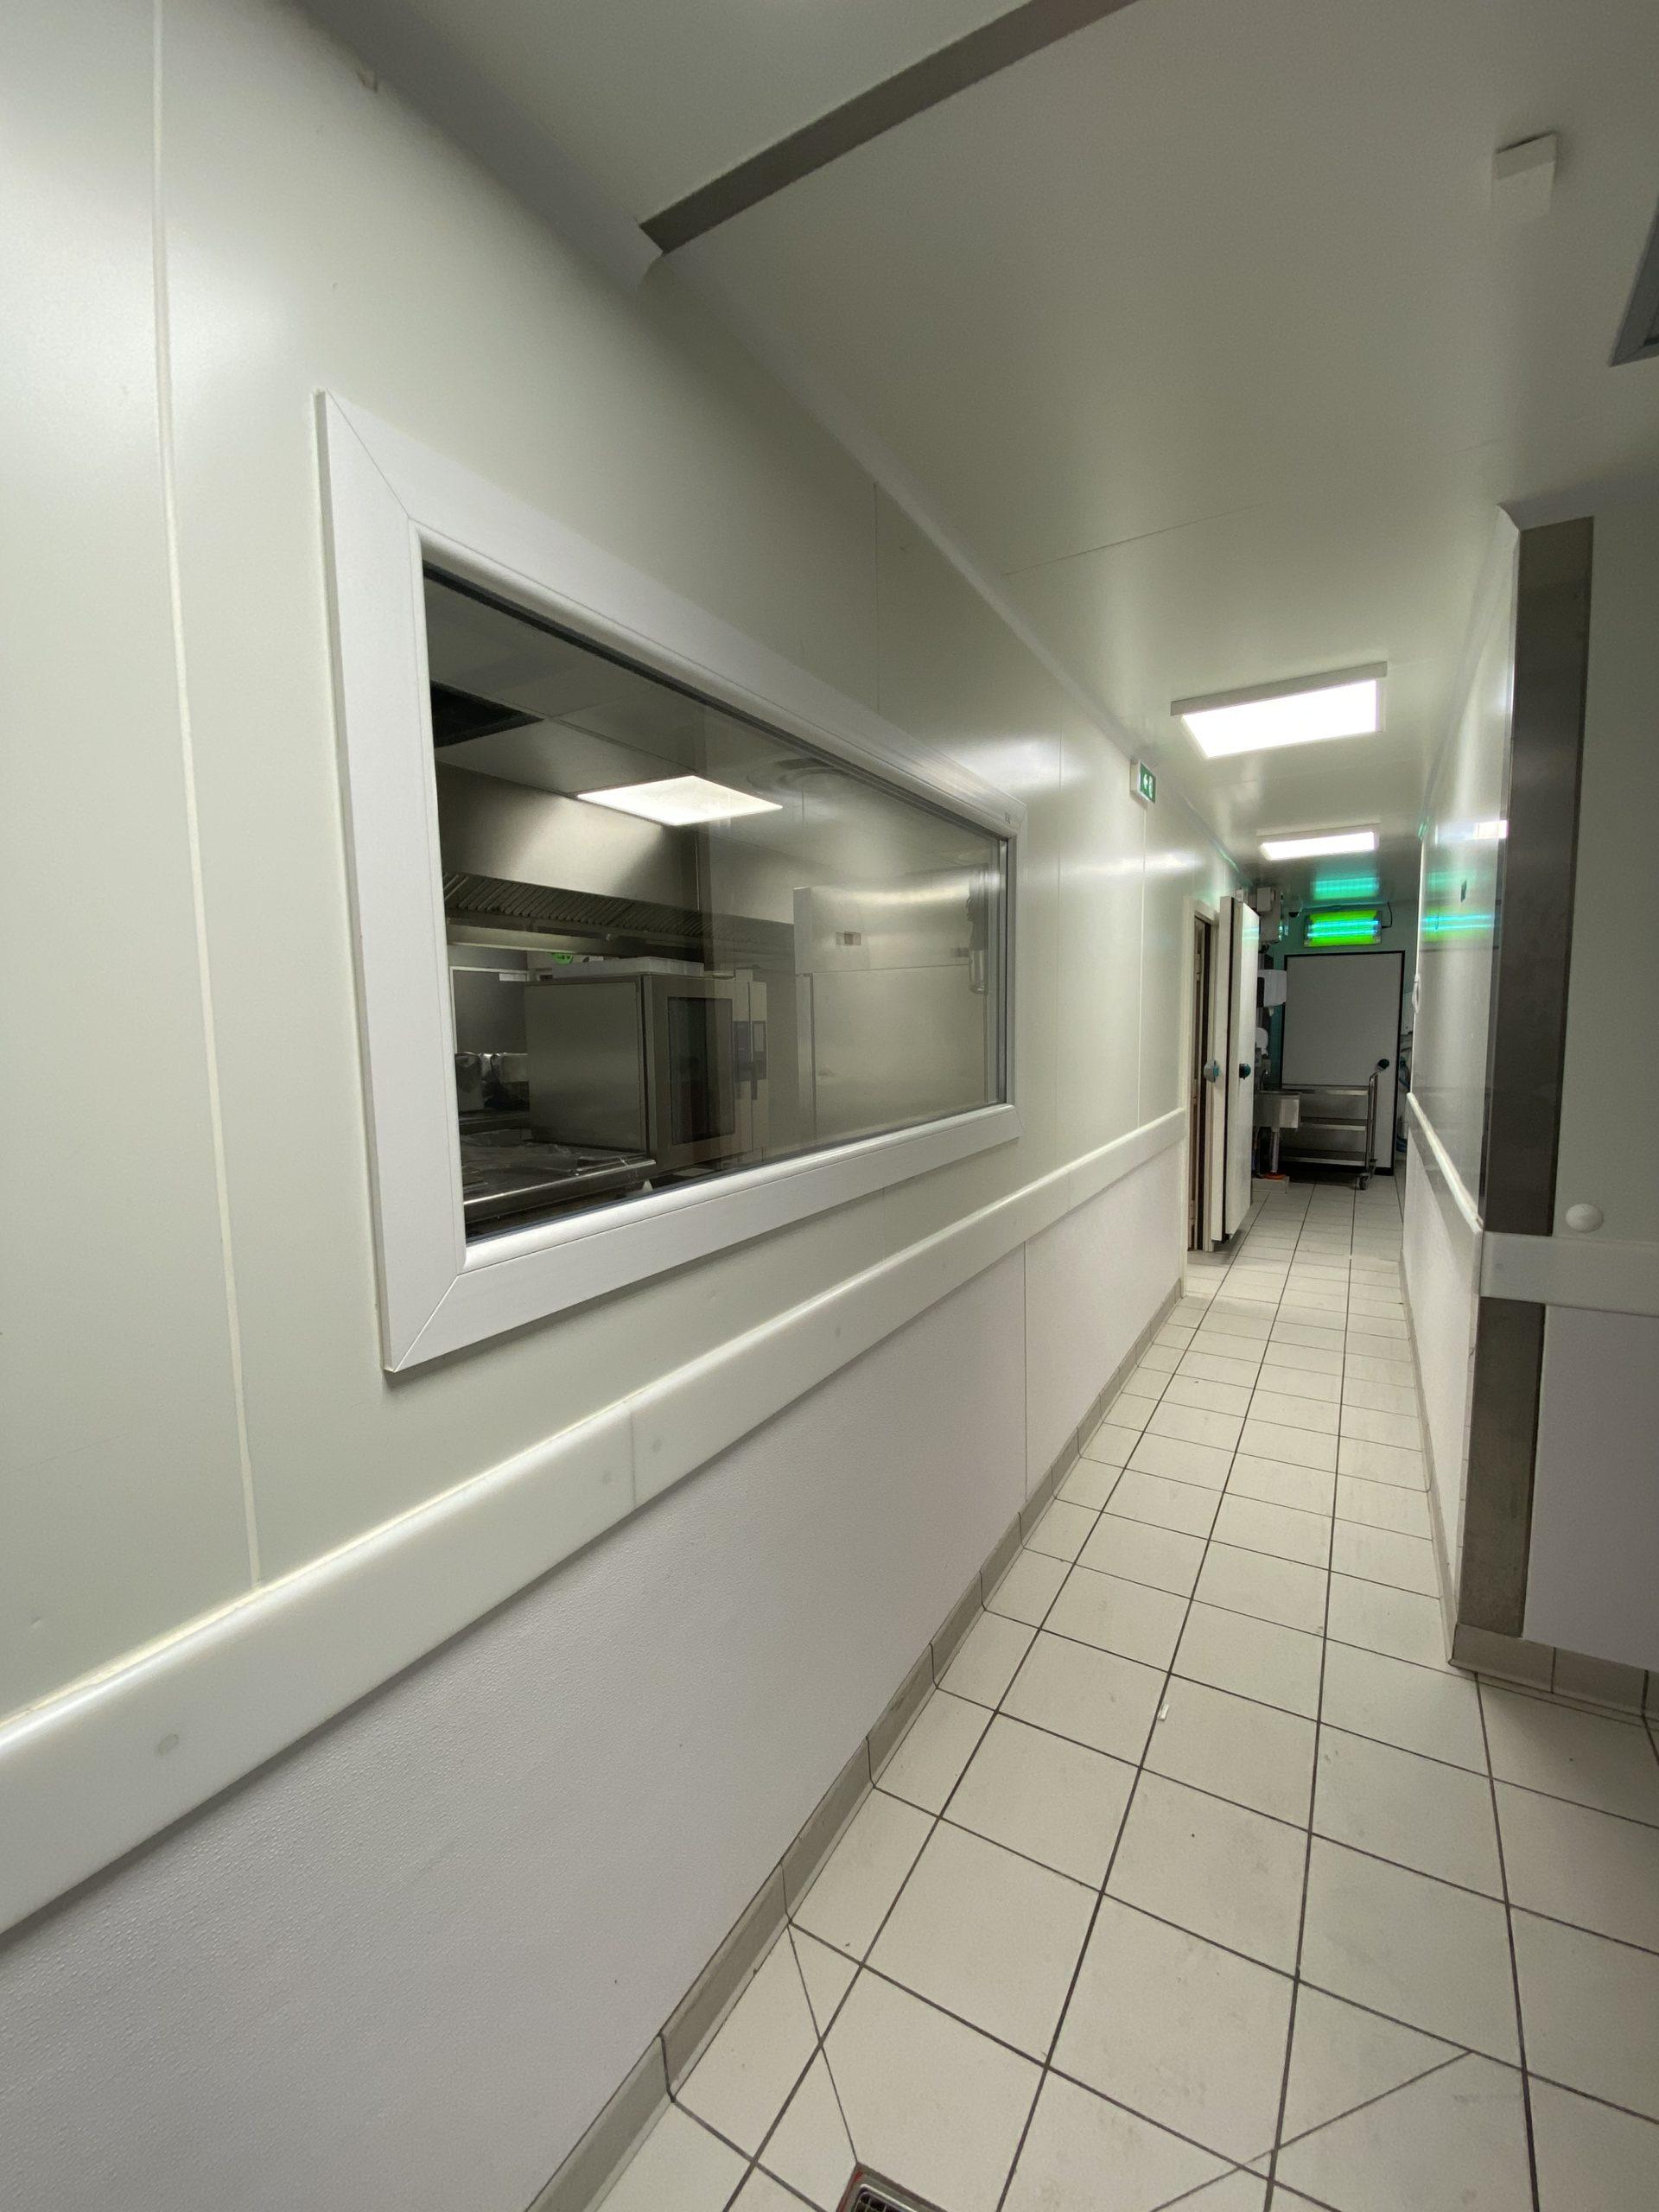 Réalisation d'un laboratoire traiteur dans un bâtiment vide existant– 1400 m²